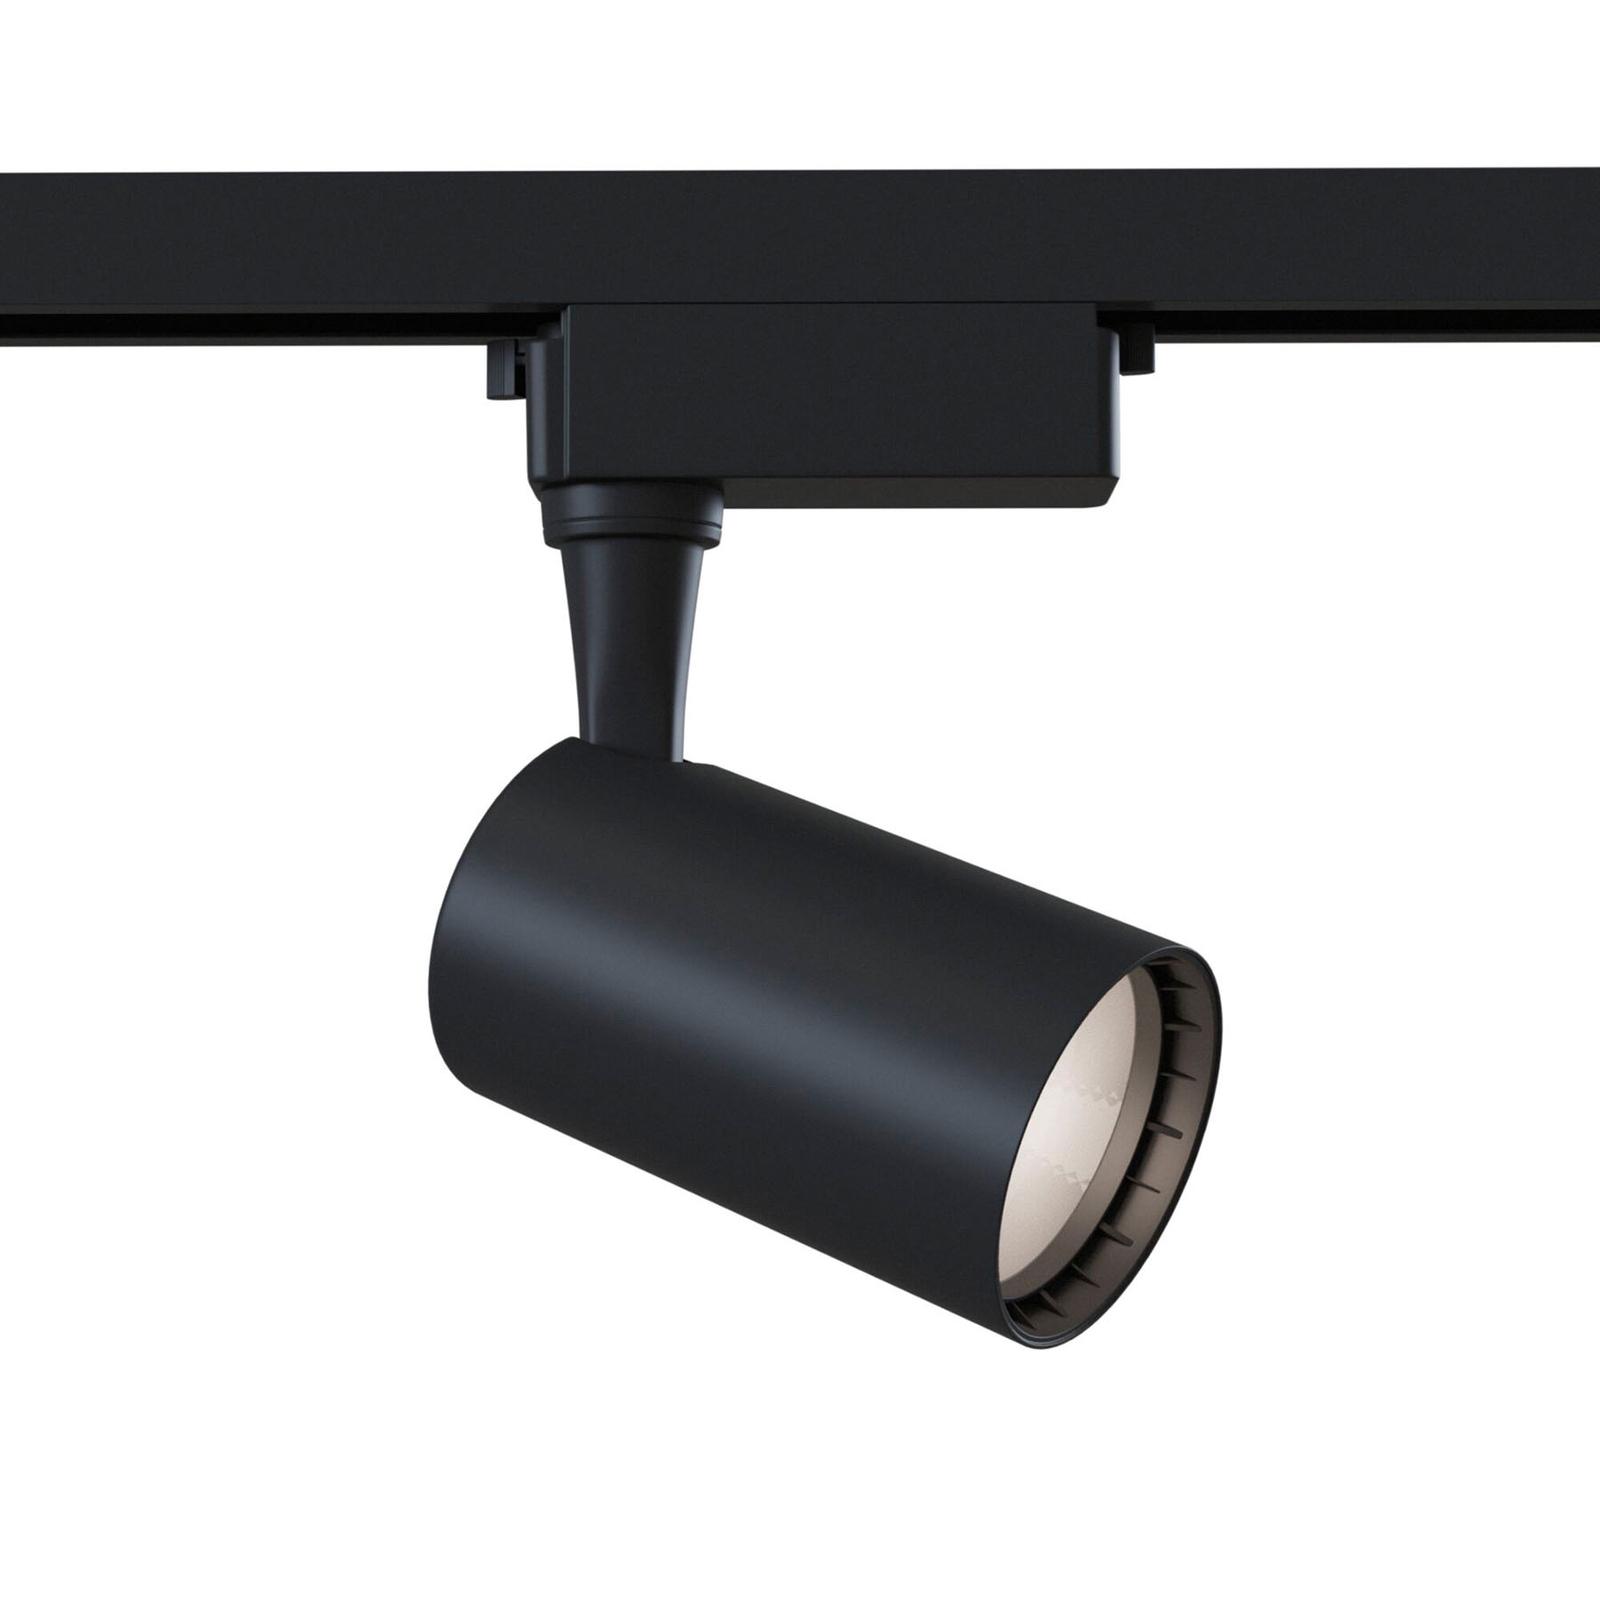 1-fazowy spot Track LED 3000K 6W, czarny